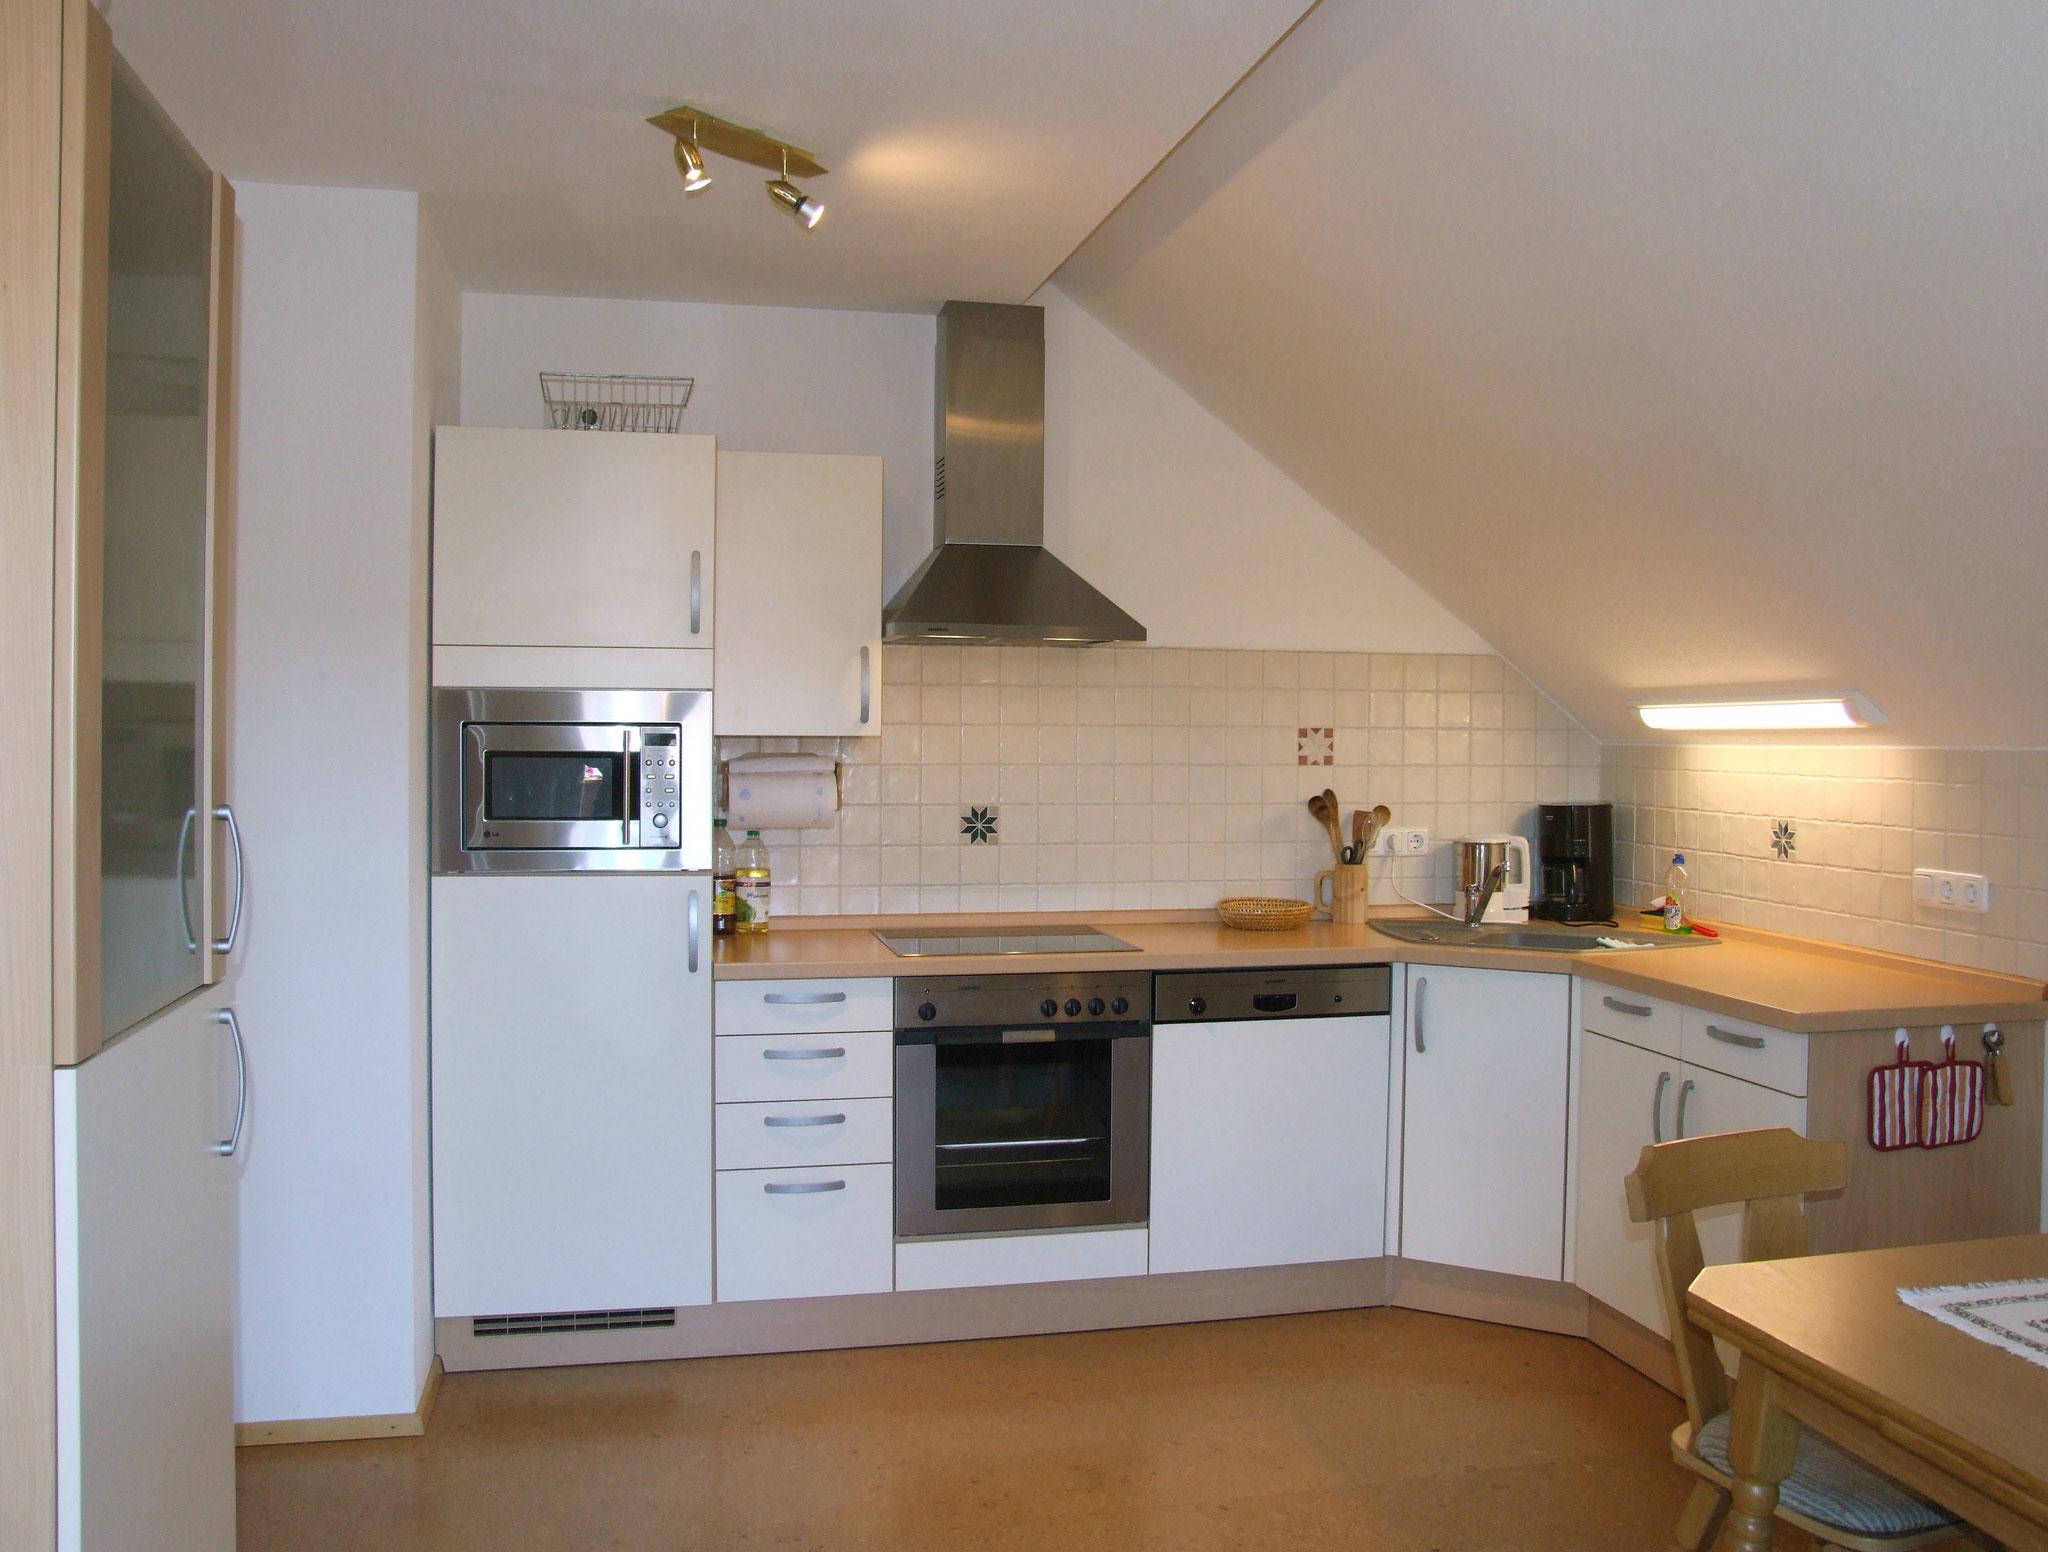 Komplett ausgestattete Küchenzeile